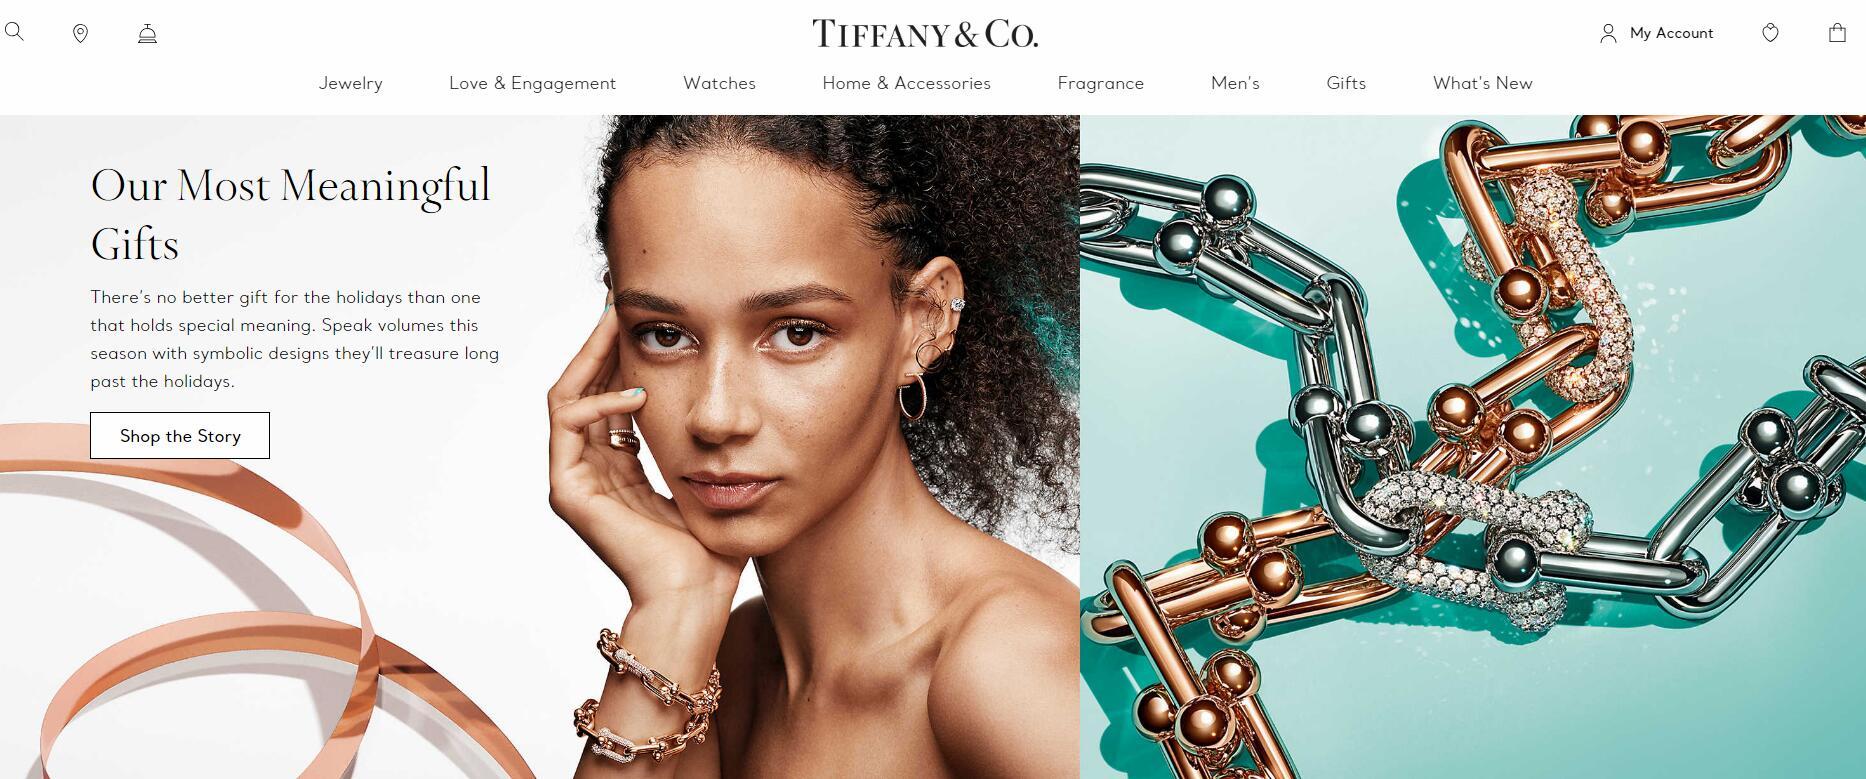 英美千禧代和Z世代美妆电商消费报告揭示:哪些因素更能刺激她们在线购买?